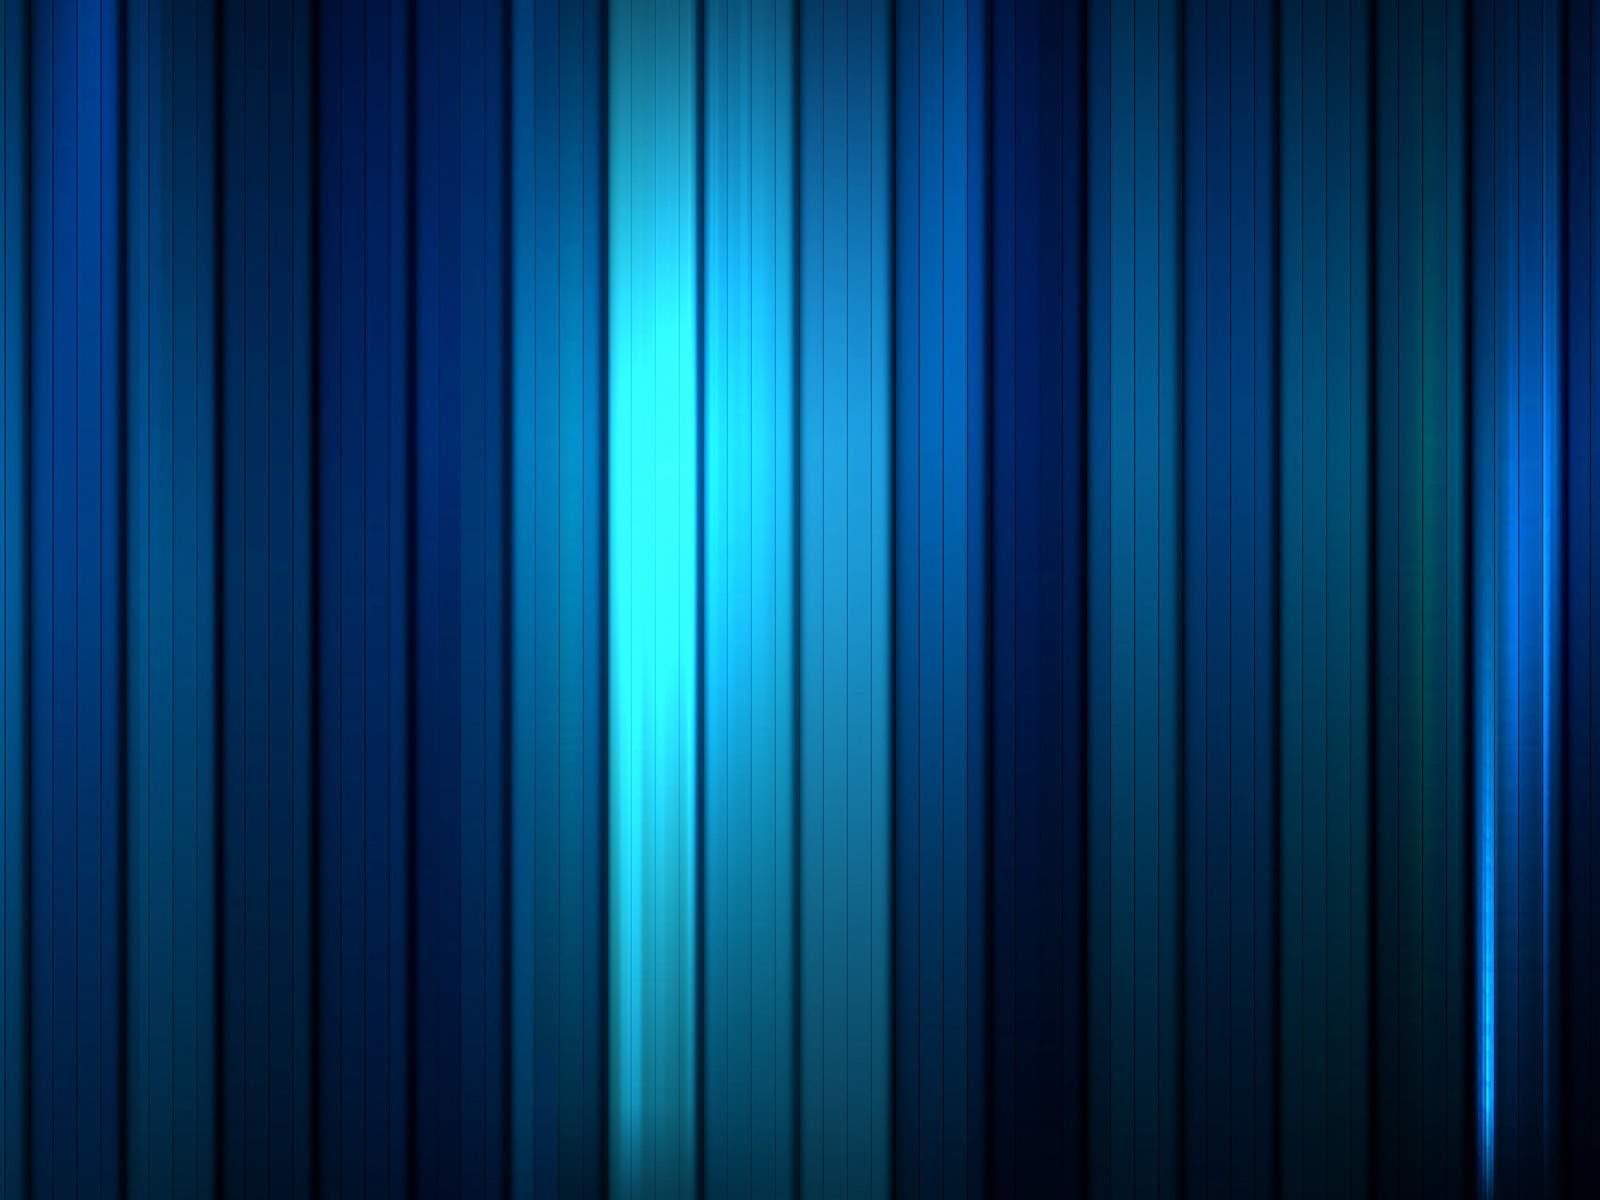 white plastic stripes wallpaper - photo #35